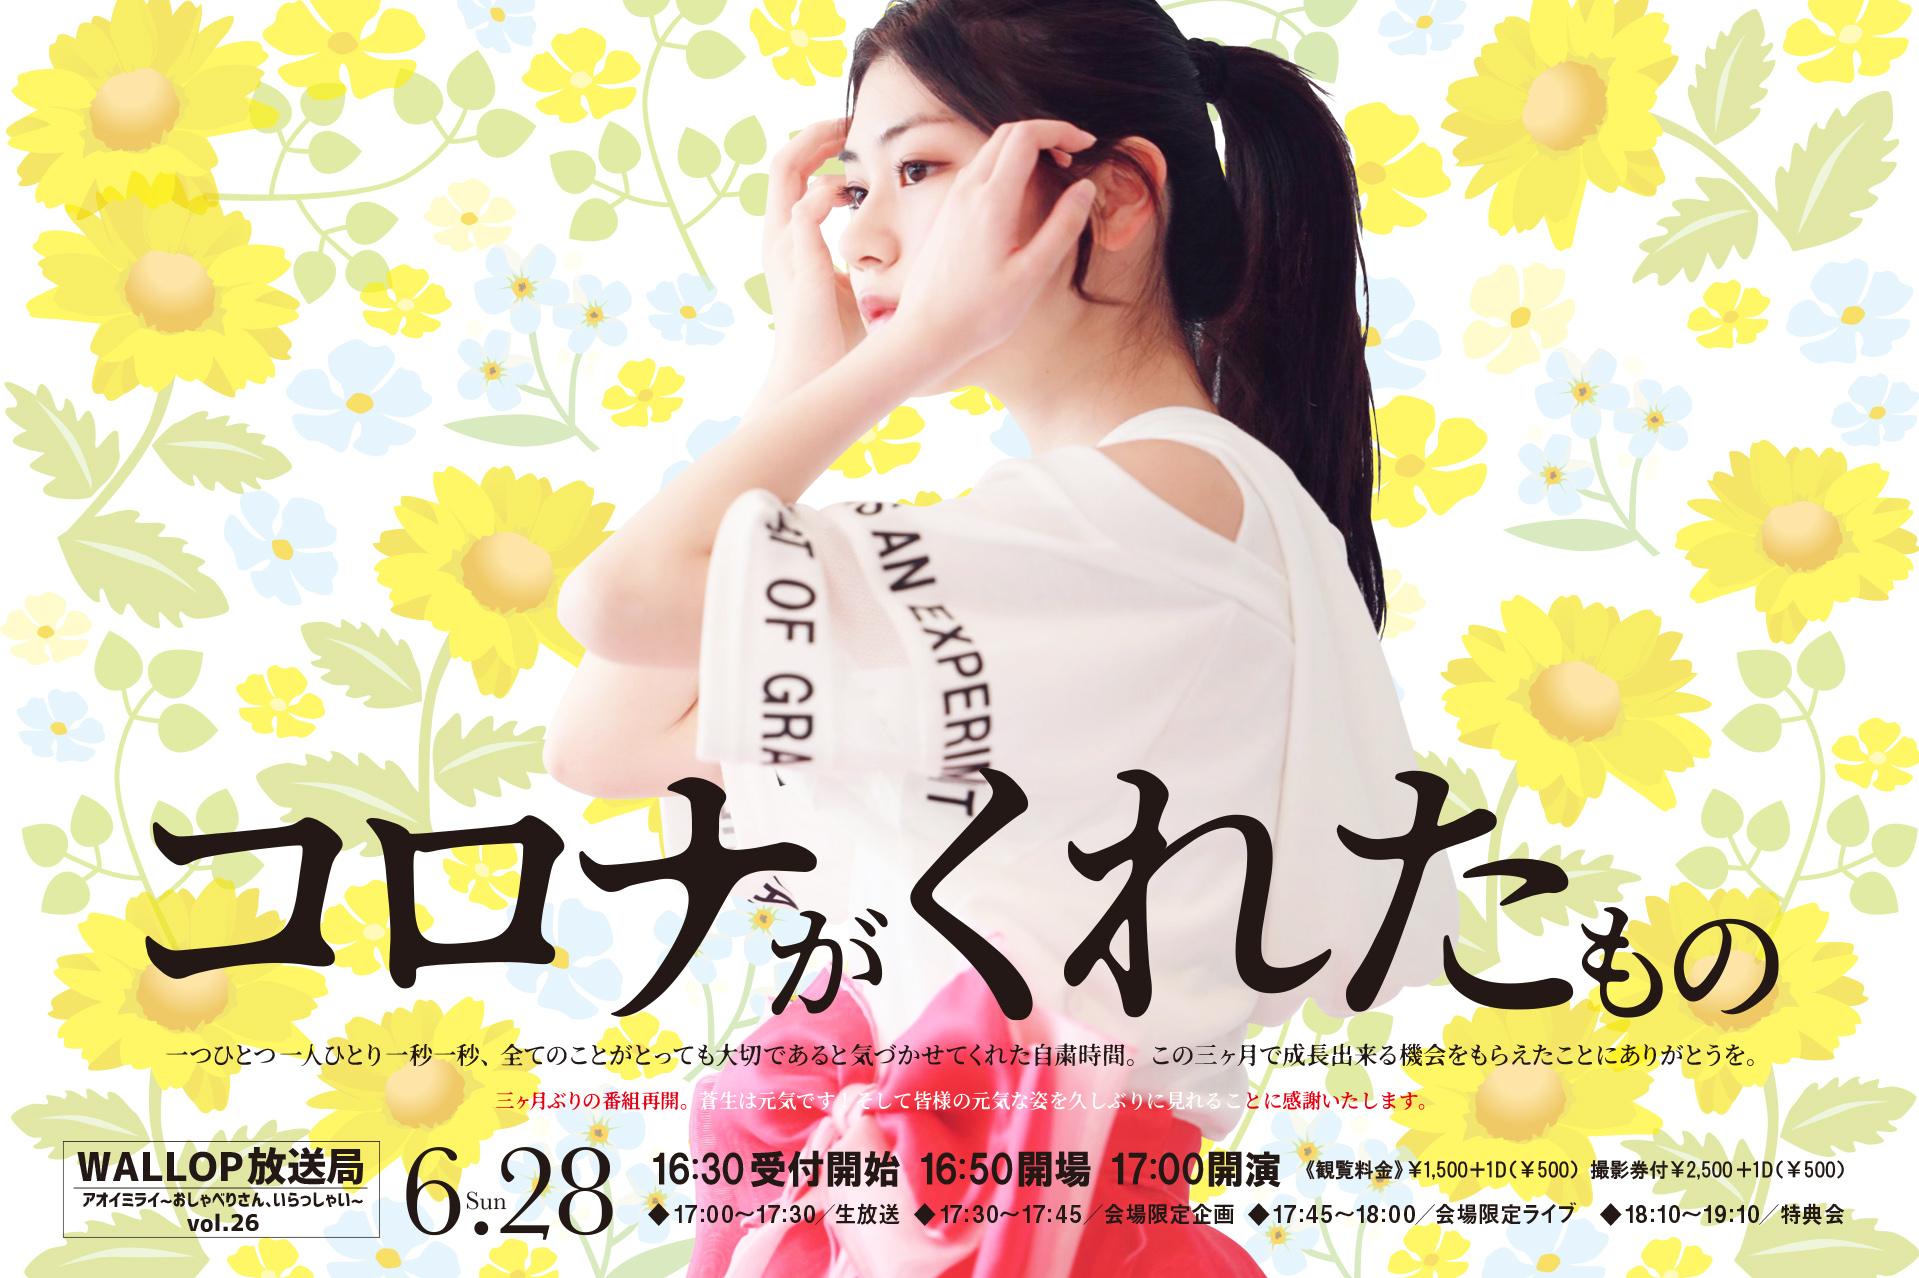 6/28(日)WALLOP「アオイミライ」vol.26